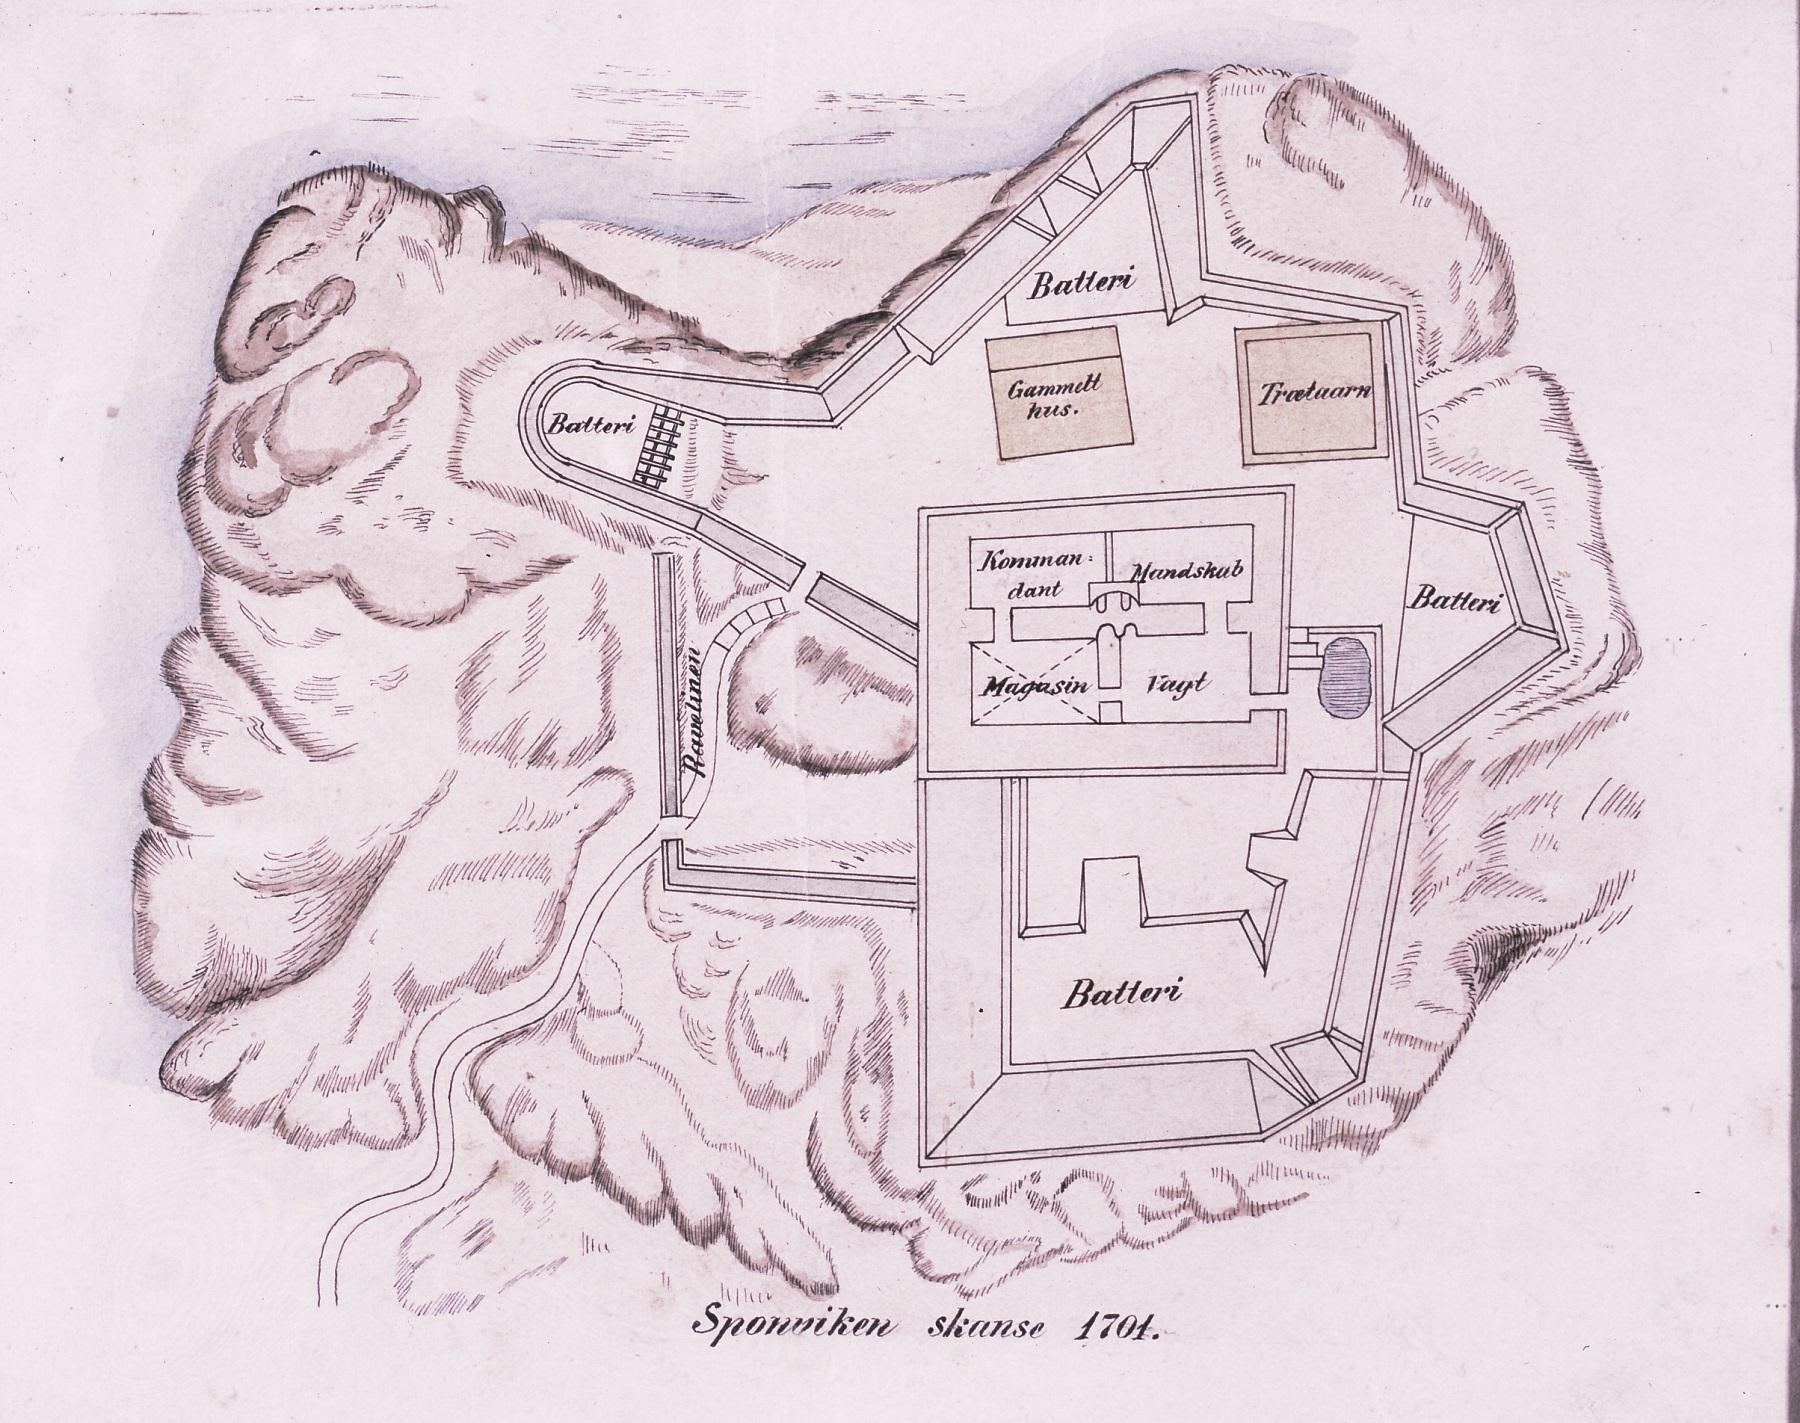 Plantegning av Sponviken skanse 1701. Norges kartverk (NGO). Kopi i Østfoldmuseene Halden historiske Samlinger.